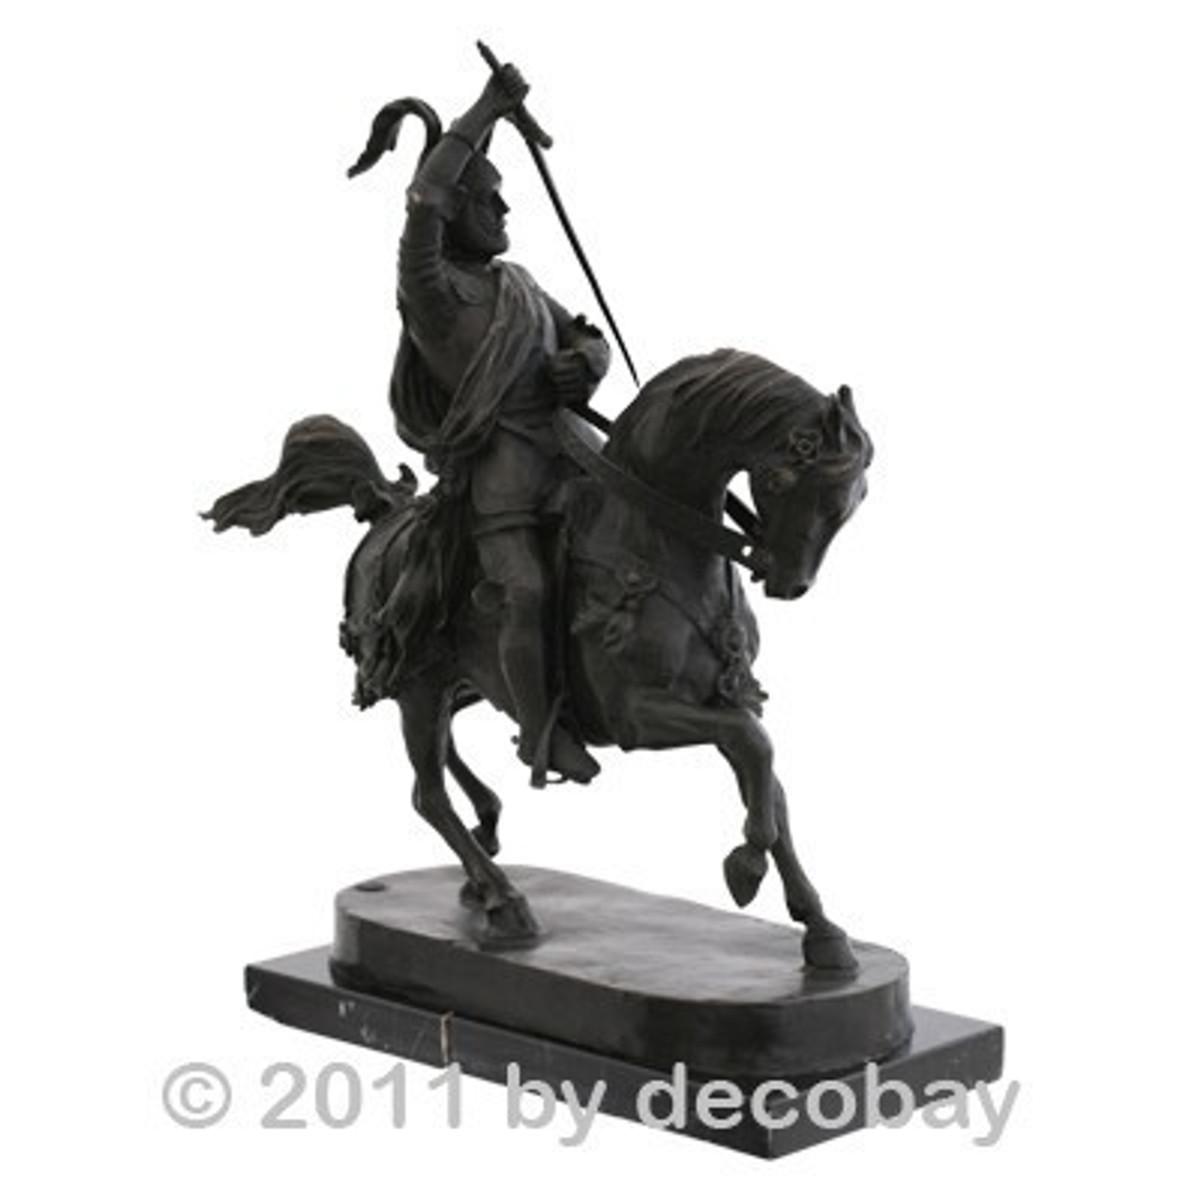 Bronze Skulpturen Garten Pferd Ritter in Rüstung zum Kampf Skulptur für Liebhaber von Pferden, Mittelalter und Antike.